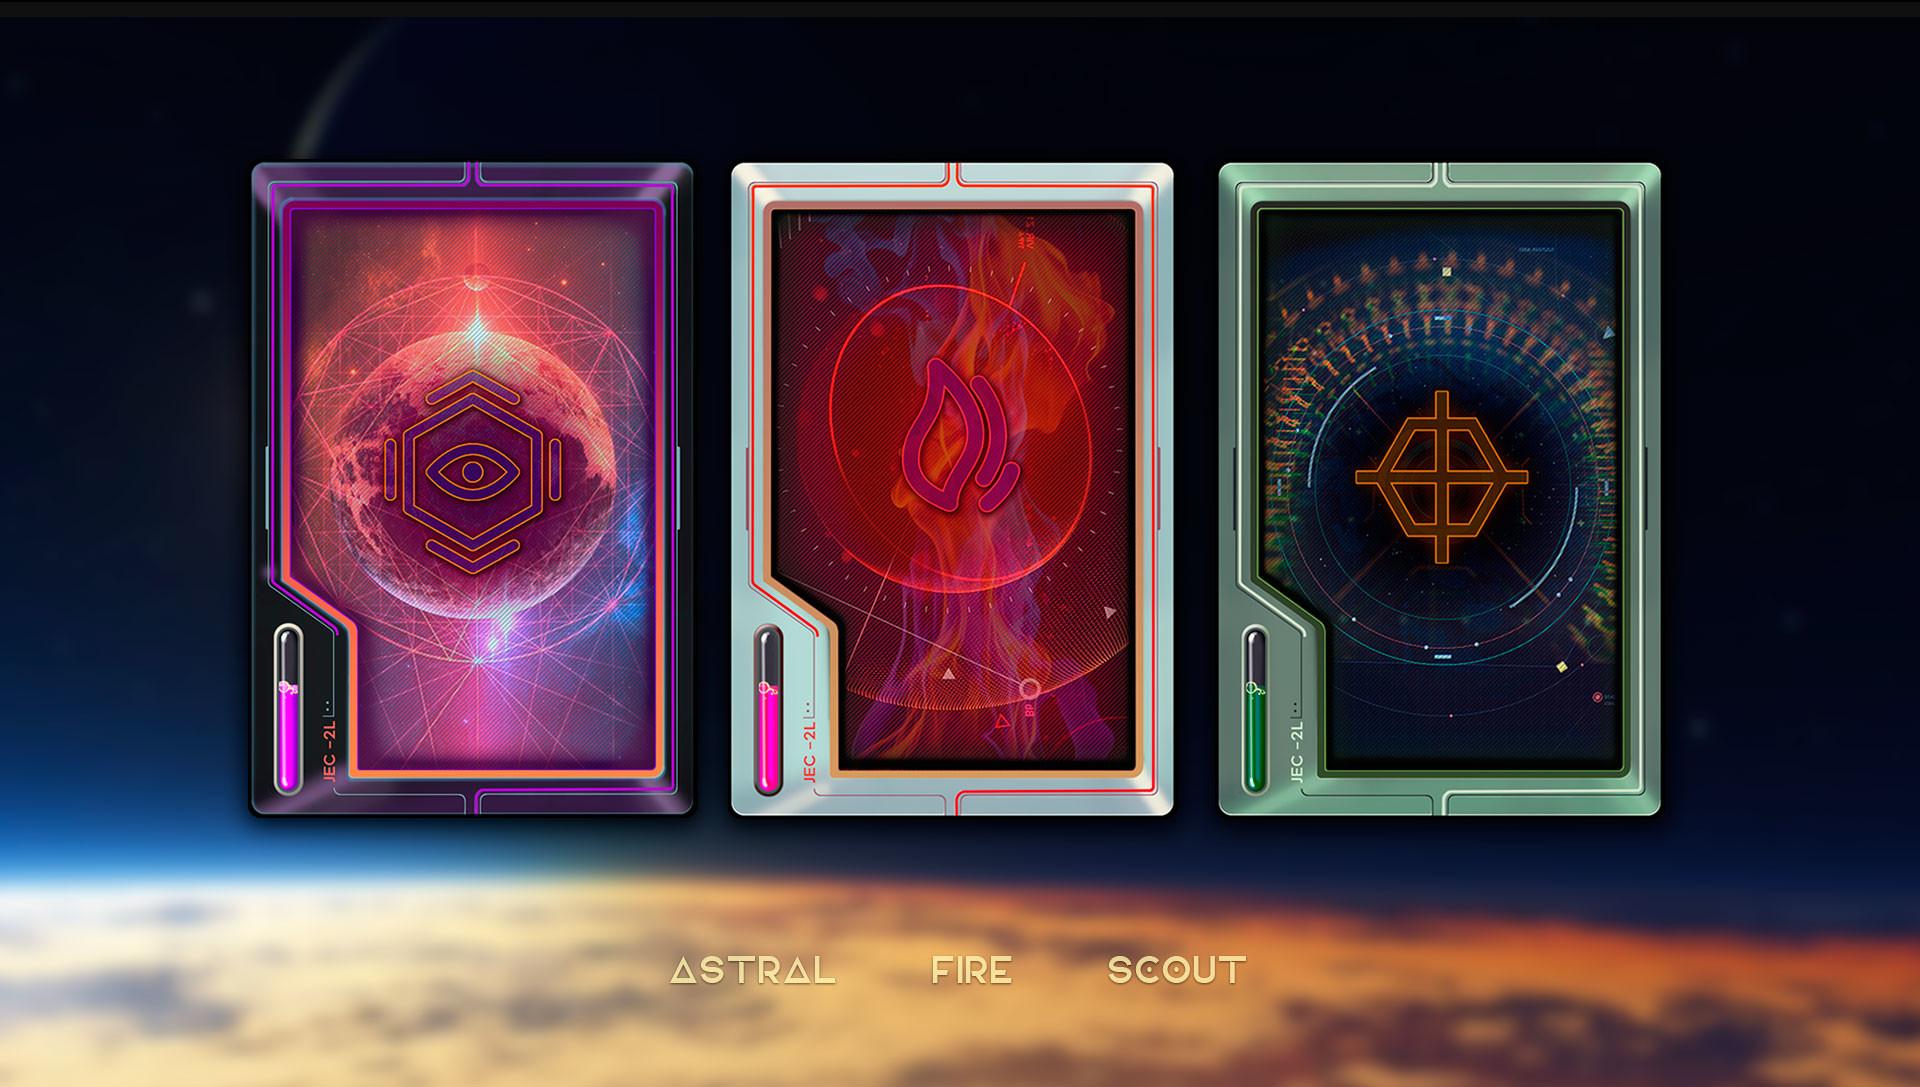 Combo 21 team sci fi cards 3 1